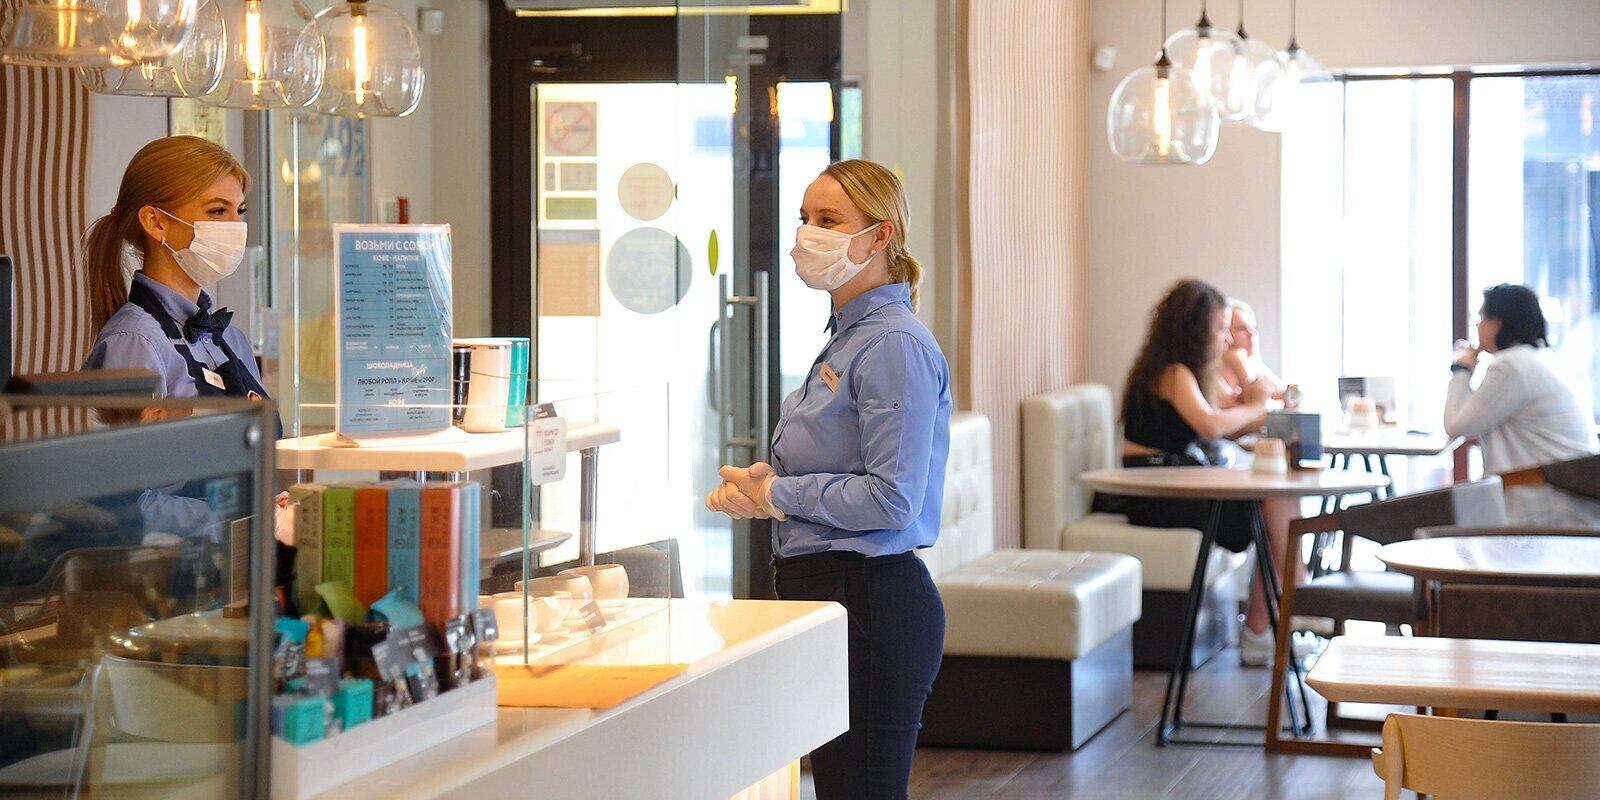 Прием заявок в акселератор для сфер гостиничного бизнеса и туризма открыли в Москве. Фото: сайт мэра Москвы